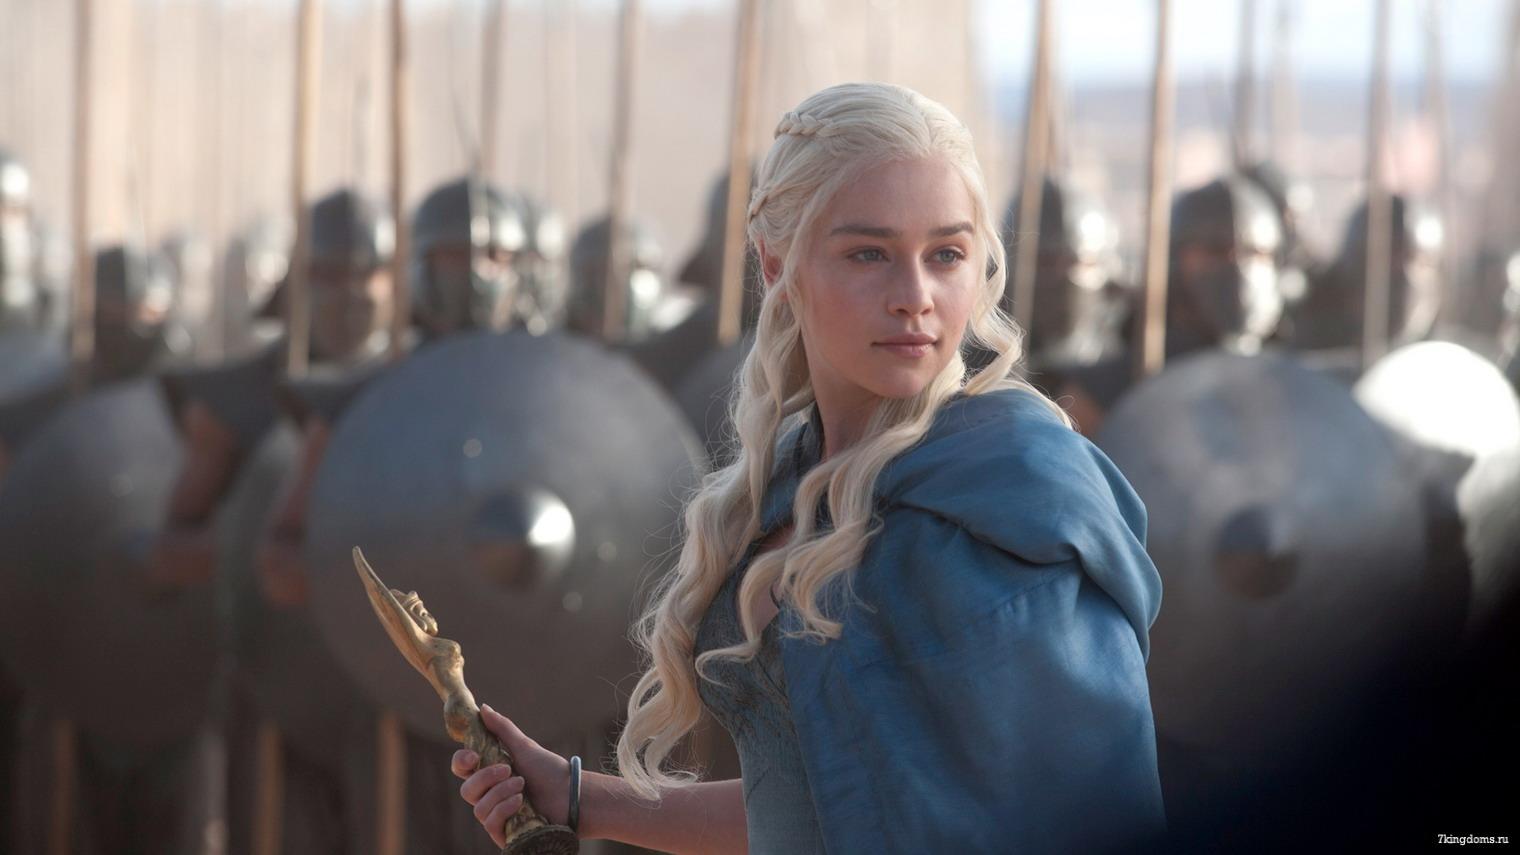 Il personaggio di Daenerys intepretato da Emilia Clarke